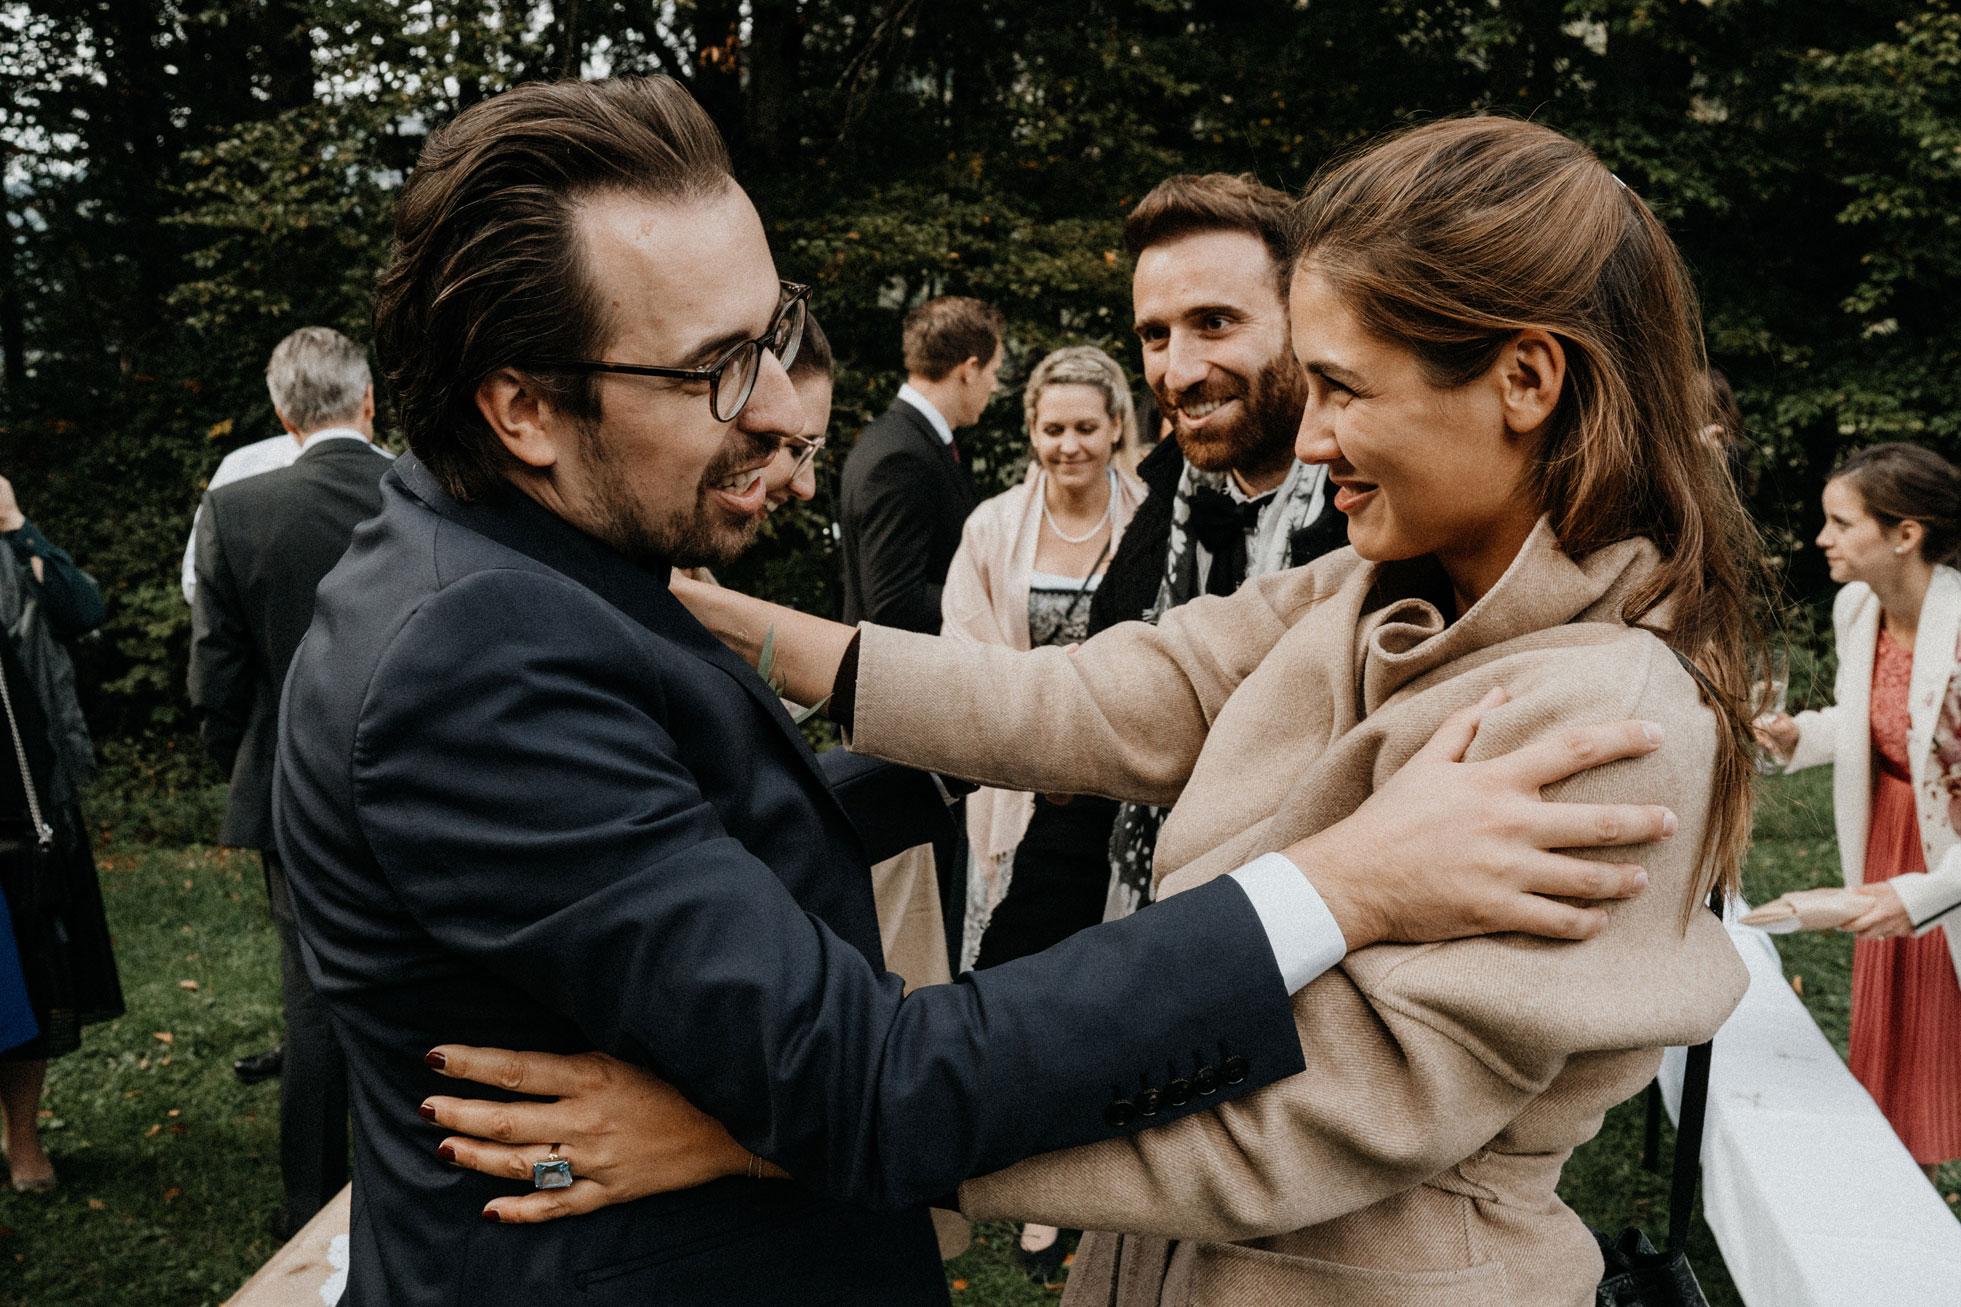 Hochzeit_Claire_Manuel_Villa_Maund_Daniel_Jenny-283.jpg